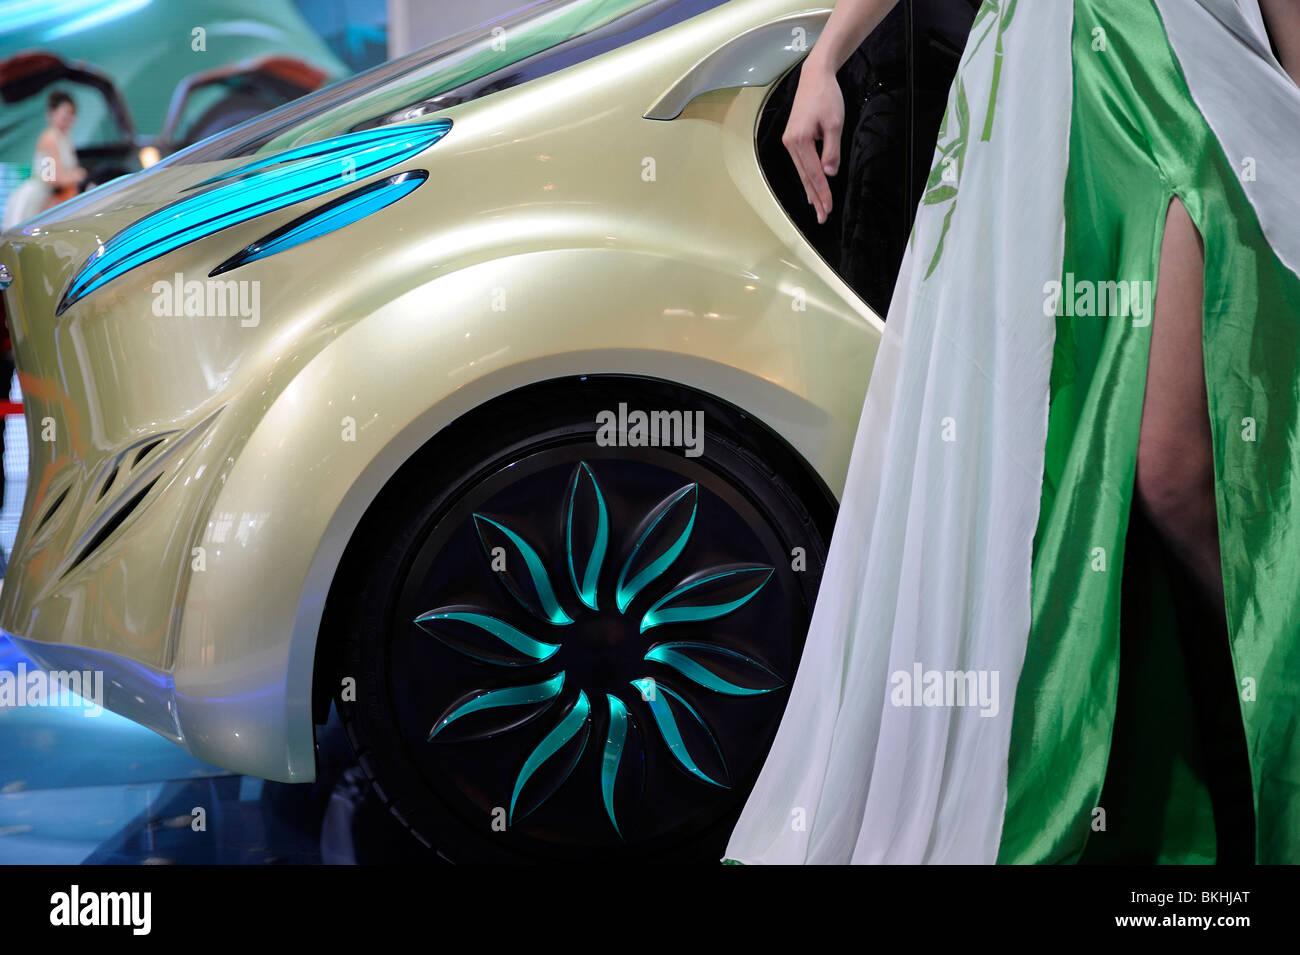 Un modello pone accanto a un 'IAT Zu' concept car elettrica, progettato da IAT (Cina) Automobil tecnologia, Immagini Stock